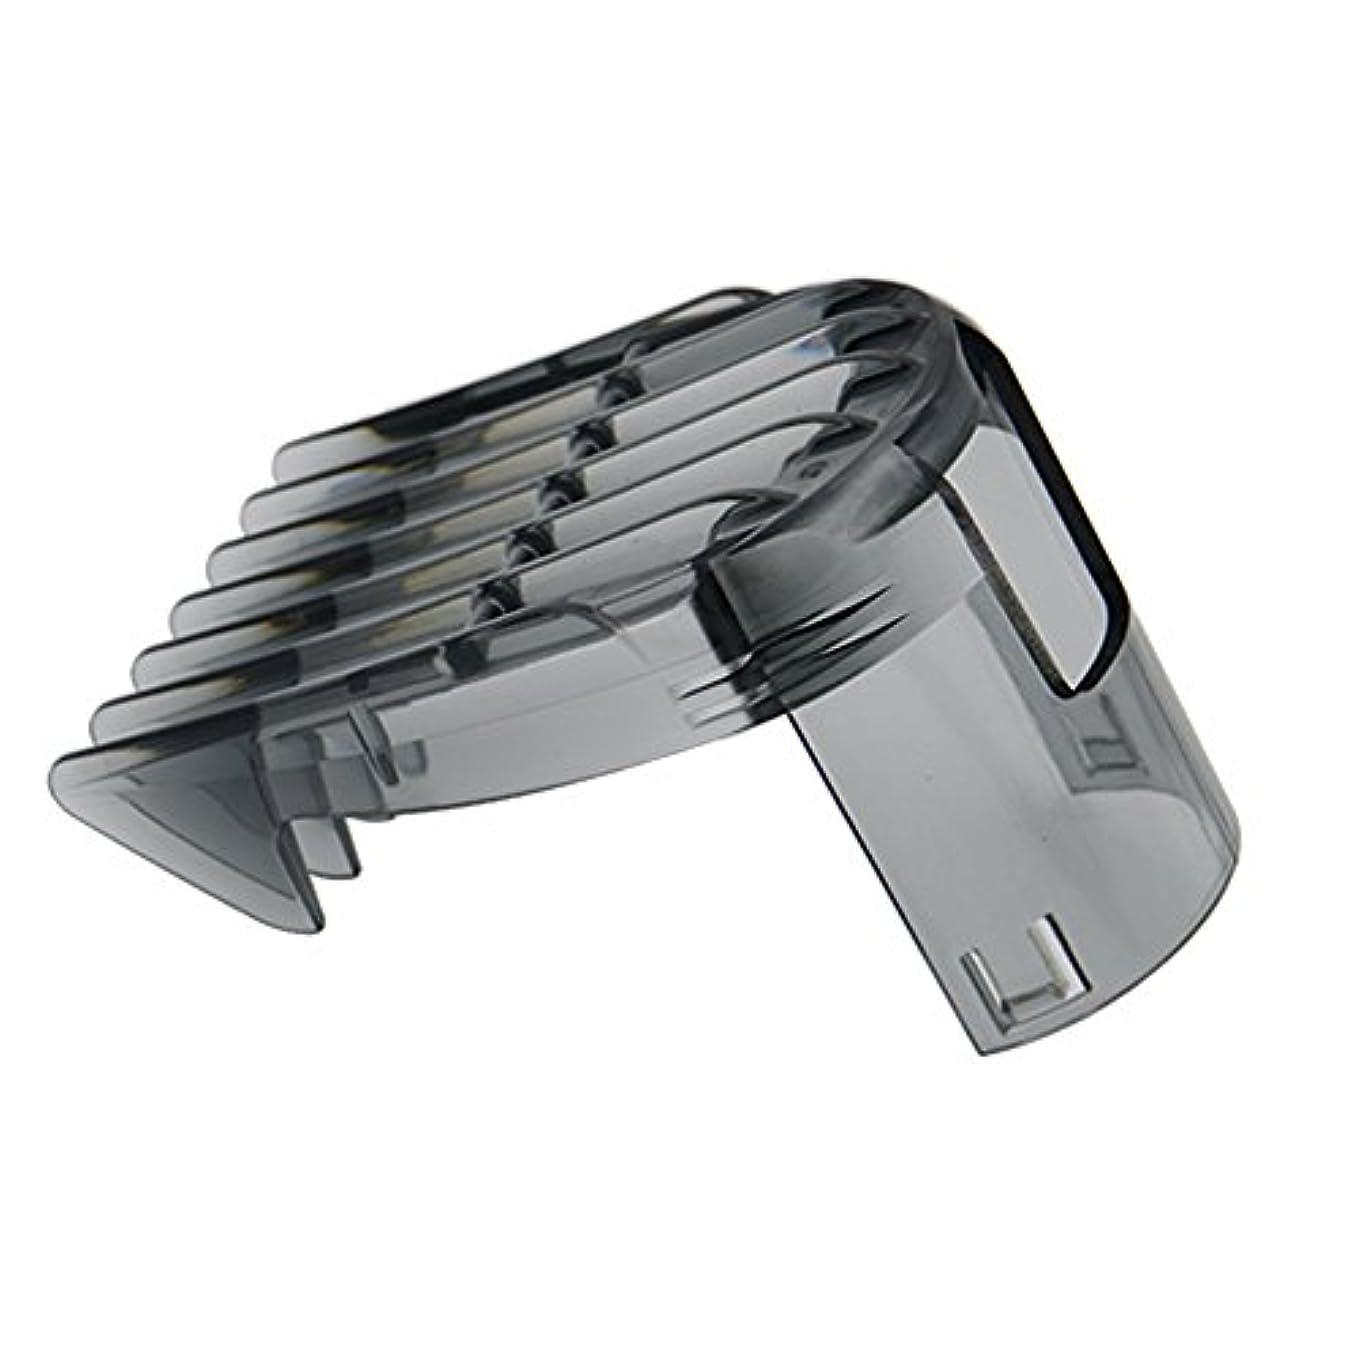 アナリスト赤山積みの電動バリカン 交換部品 適用 フィリップス バリカン QC5510 QC5530 QC5550 QC5560 QC5570 QC5580のための3-15mmのバリカンのくしのアタッチメントのクリッパー 髪の櫛カット3-15...